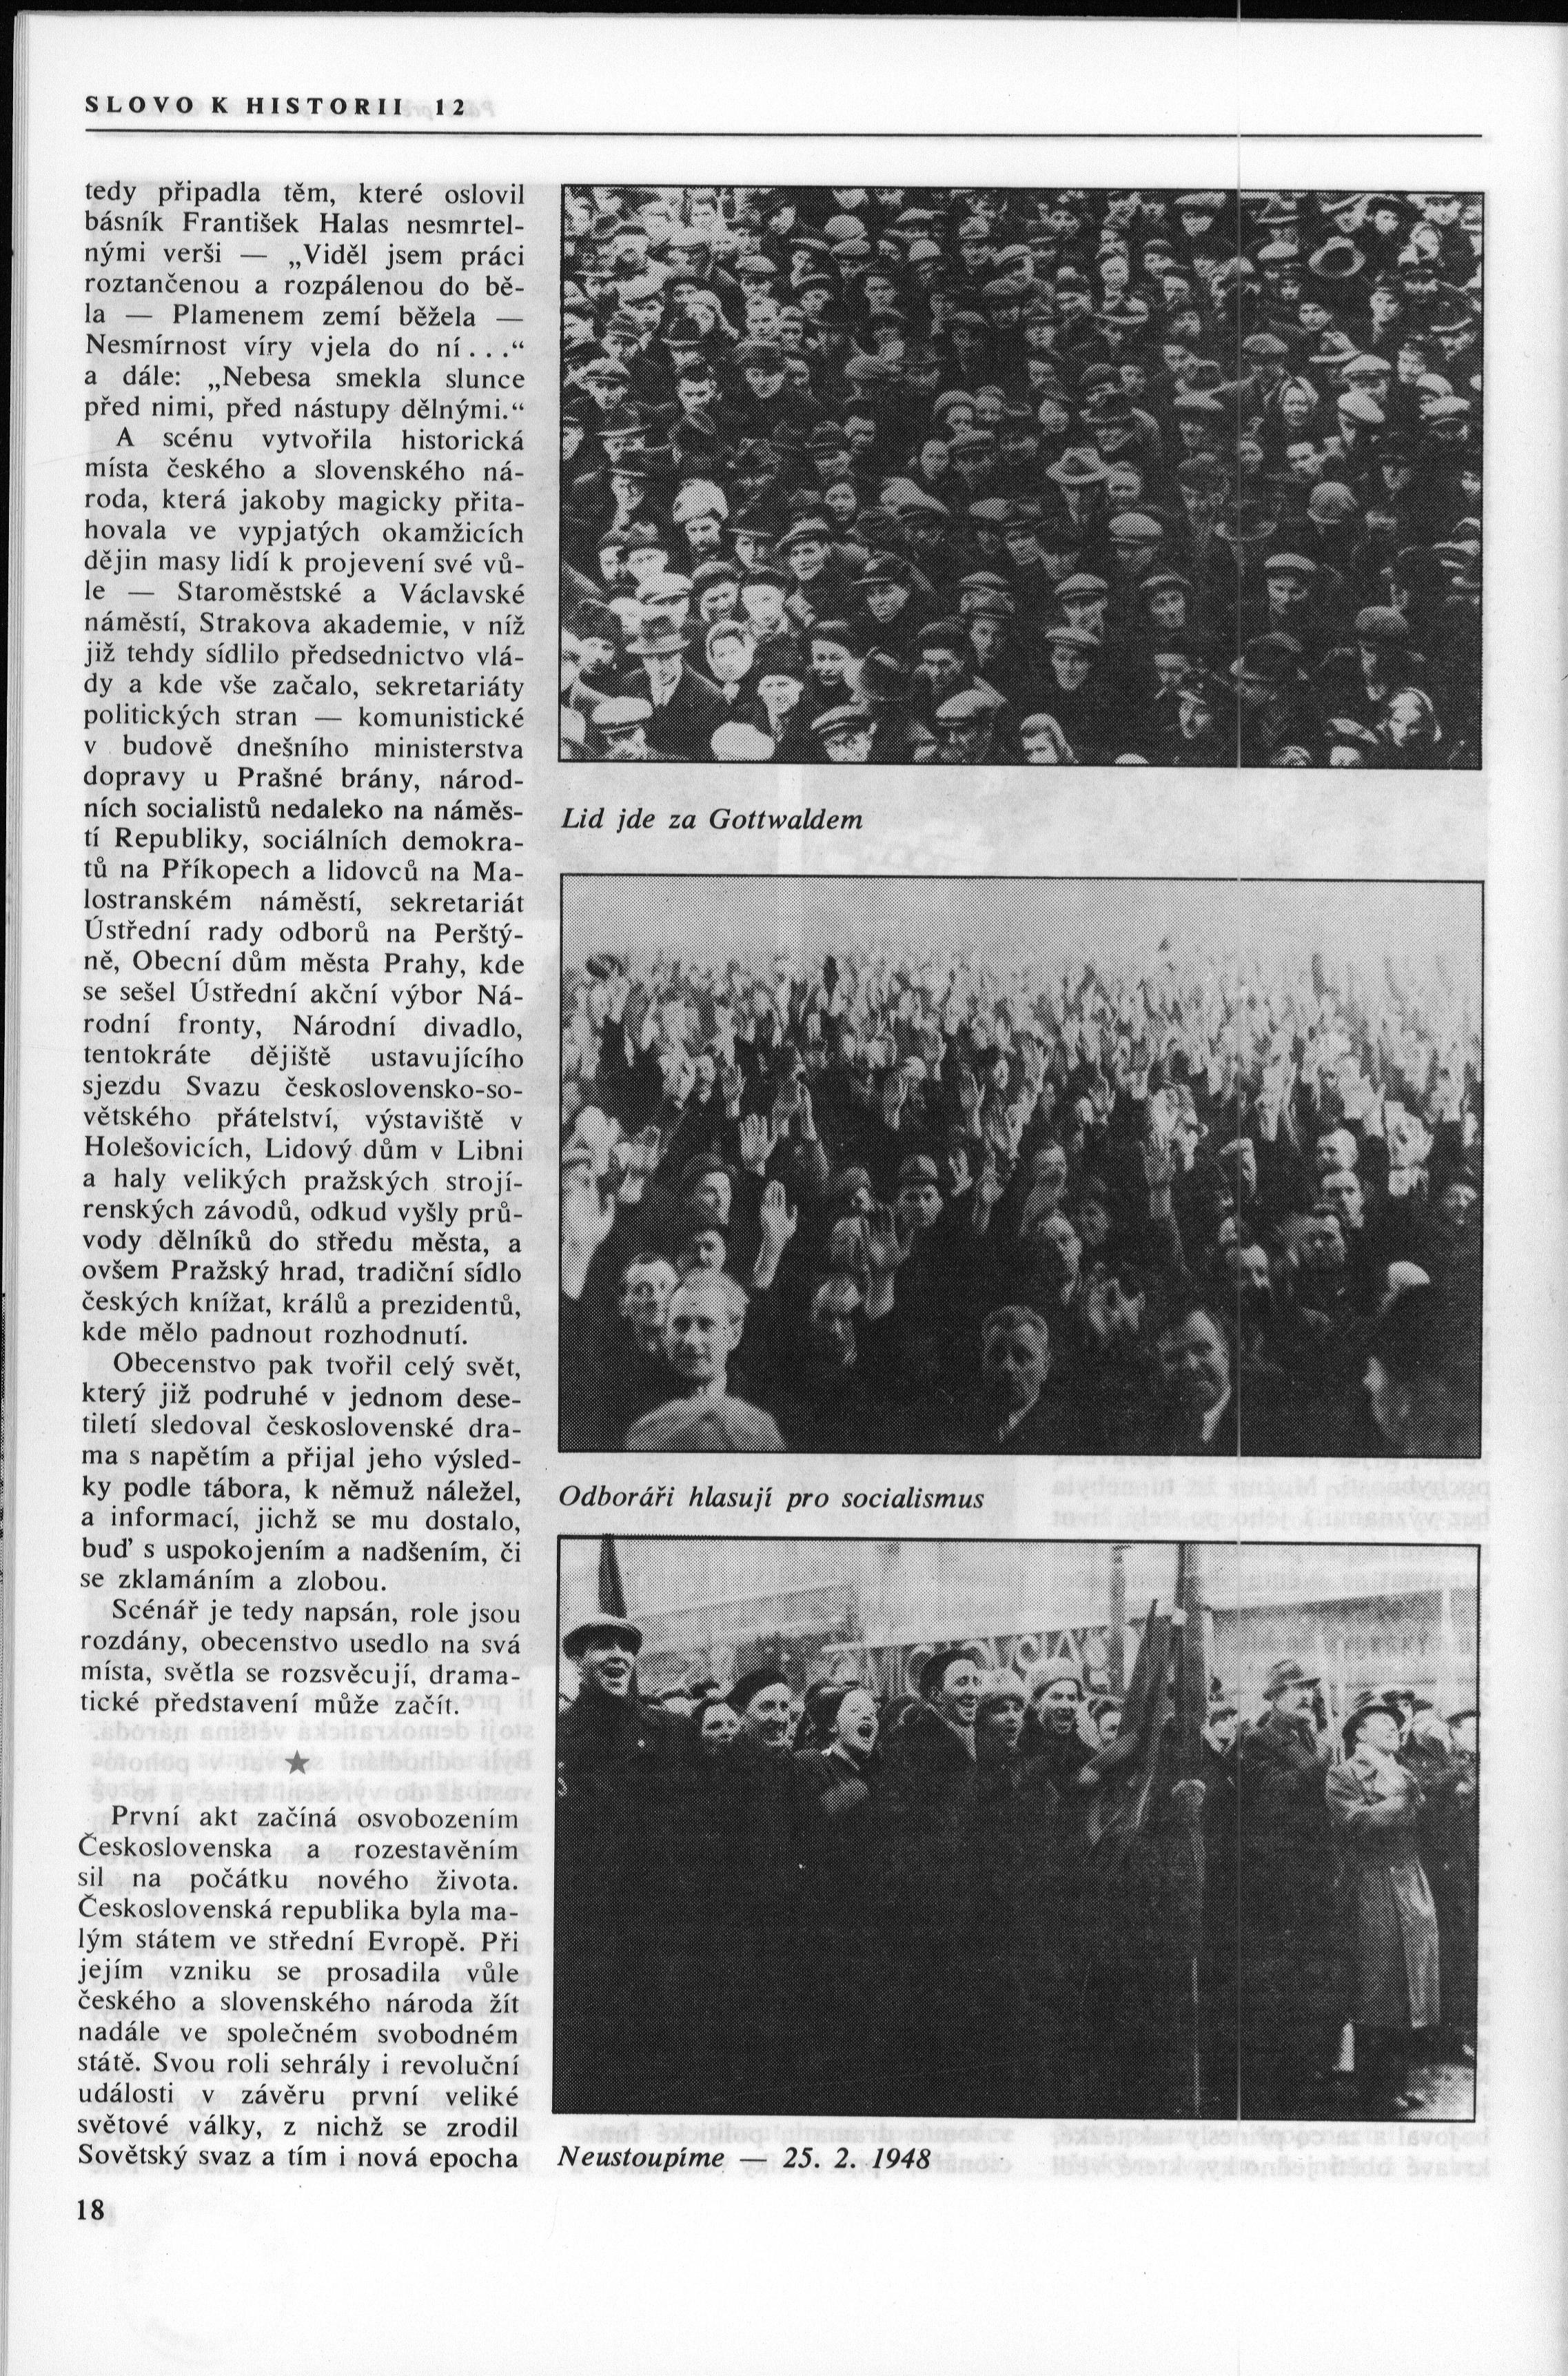 Slovo K Historii 12 1948, Seite 18